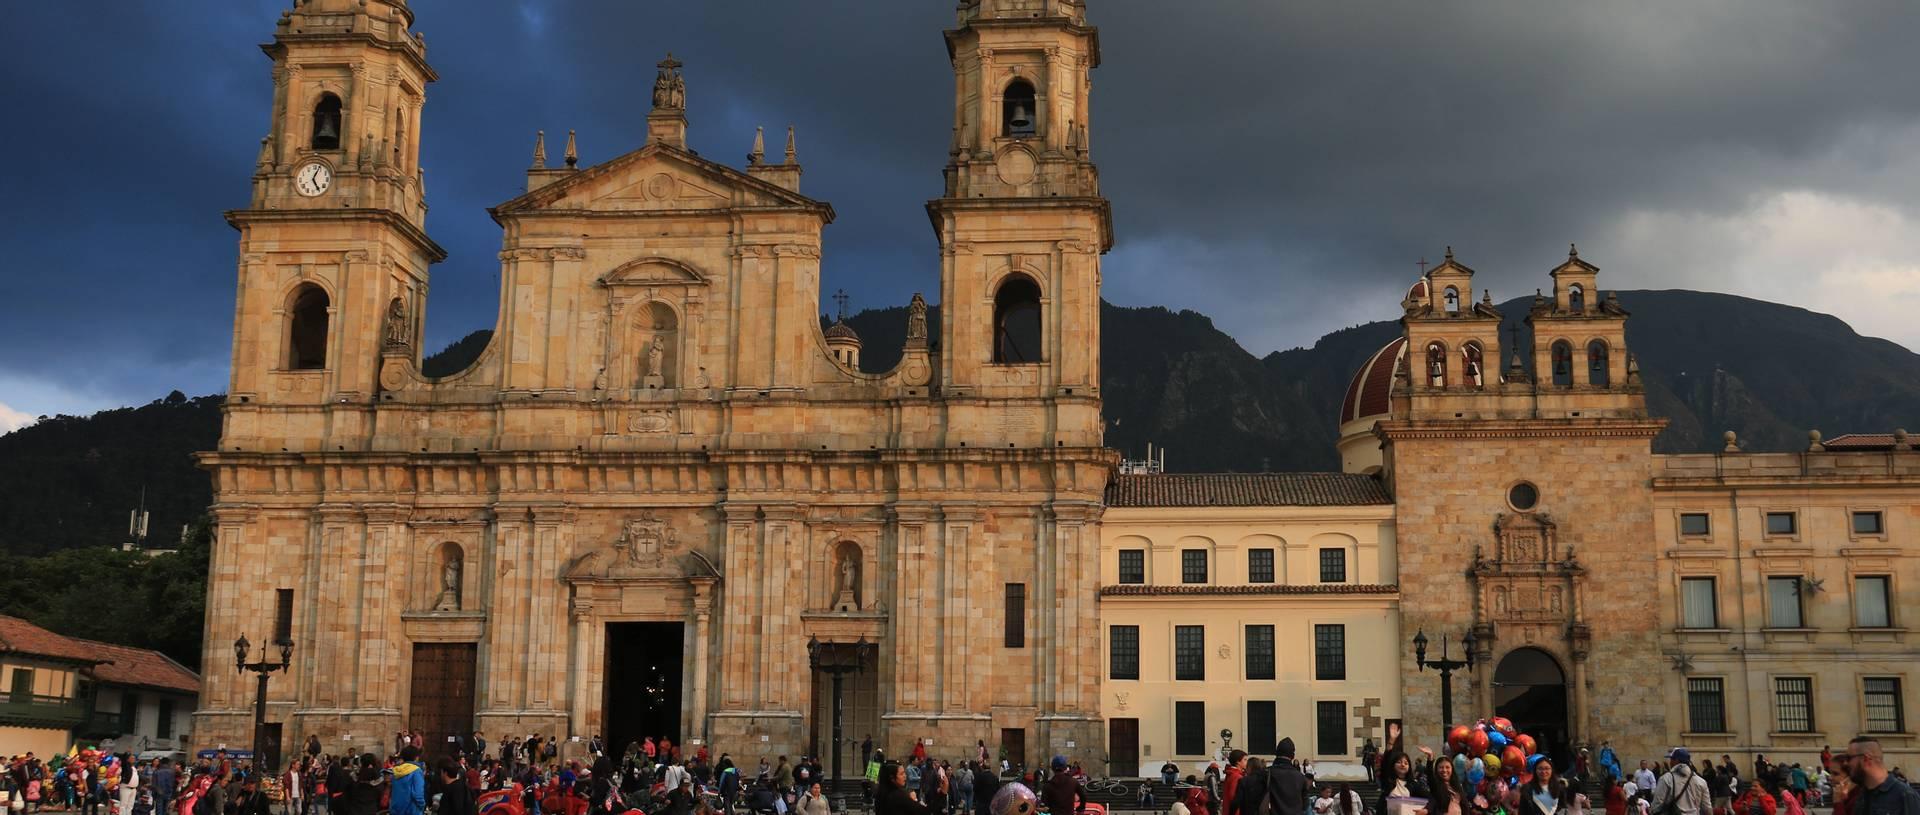 Bolivar Square, Bogota, Colombia.JPG